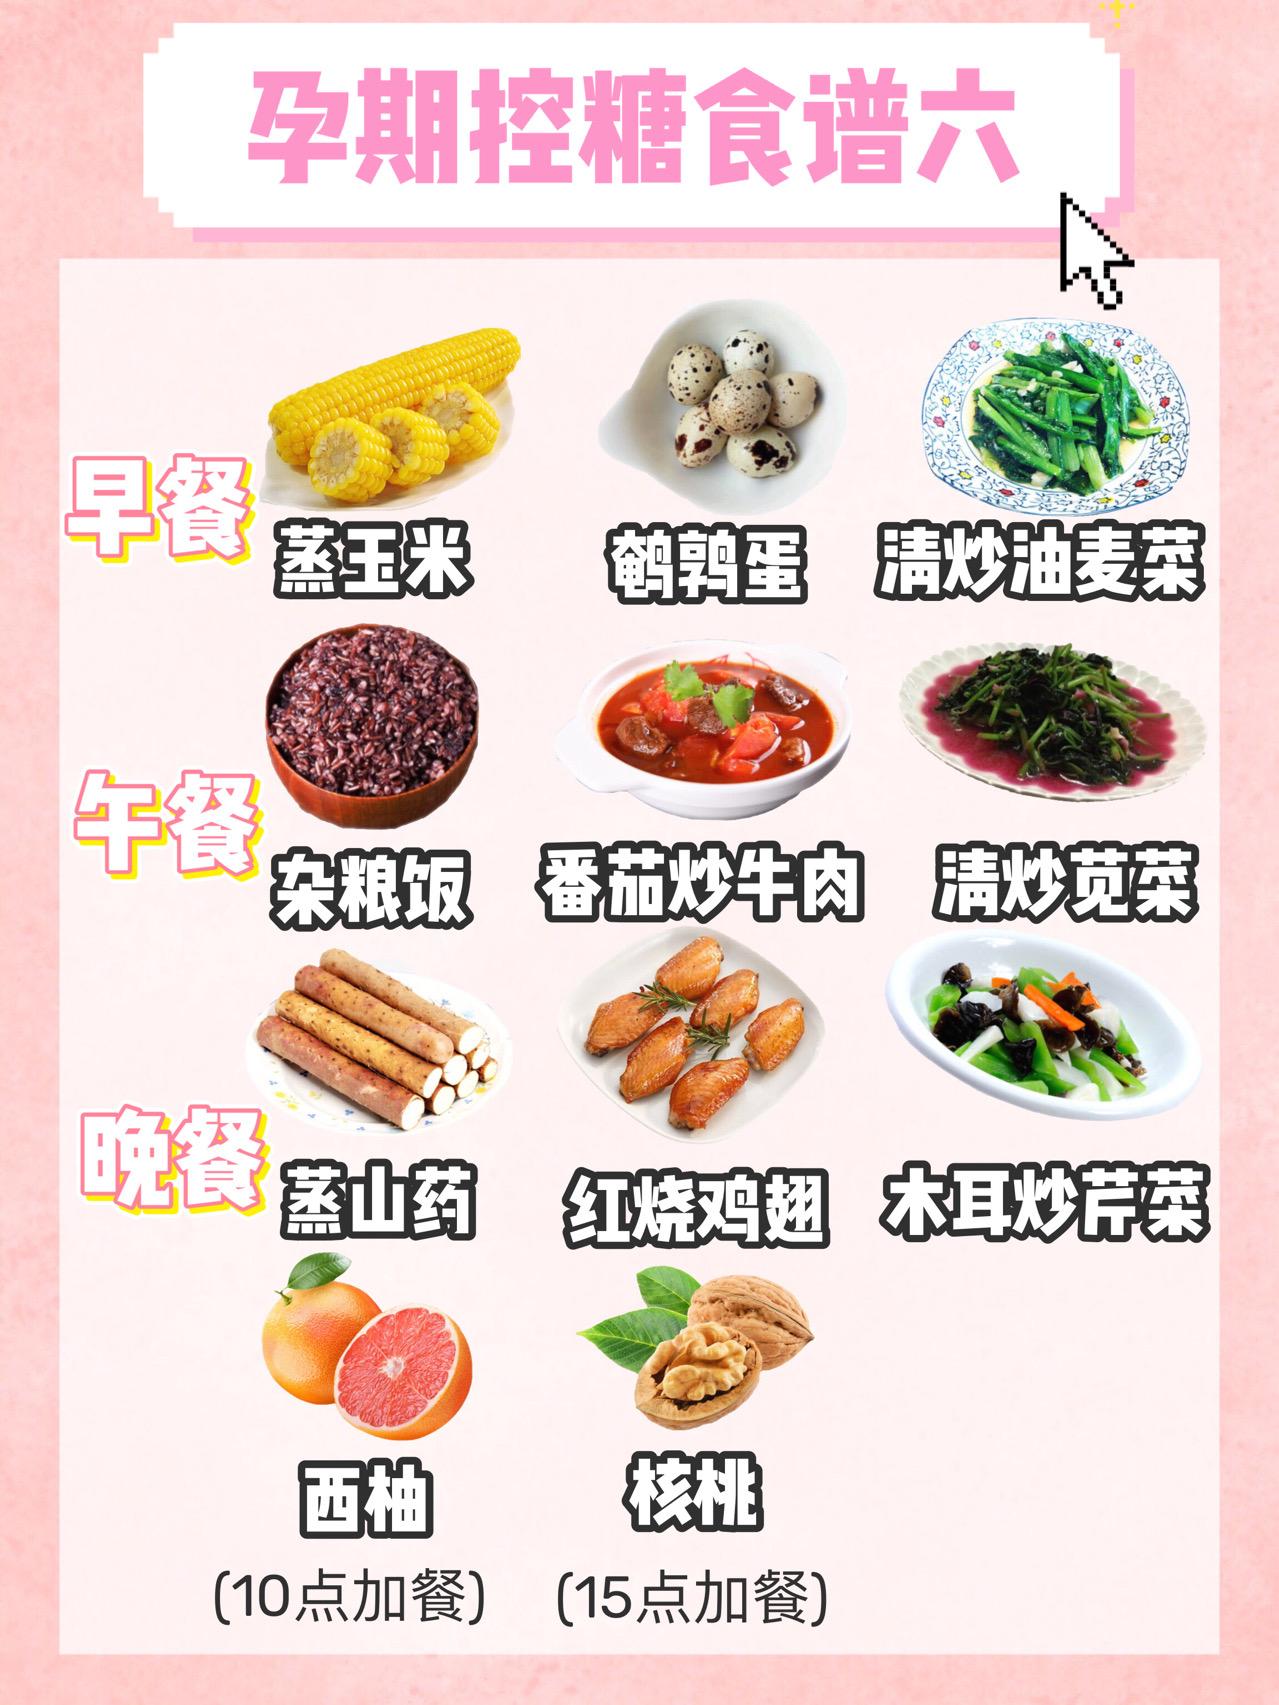 孕期控糖食谱,长胎不长肉,满满的干货 孕妇菜谱 第6张